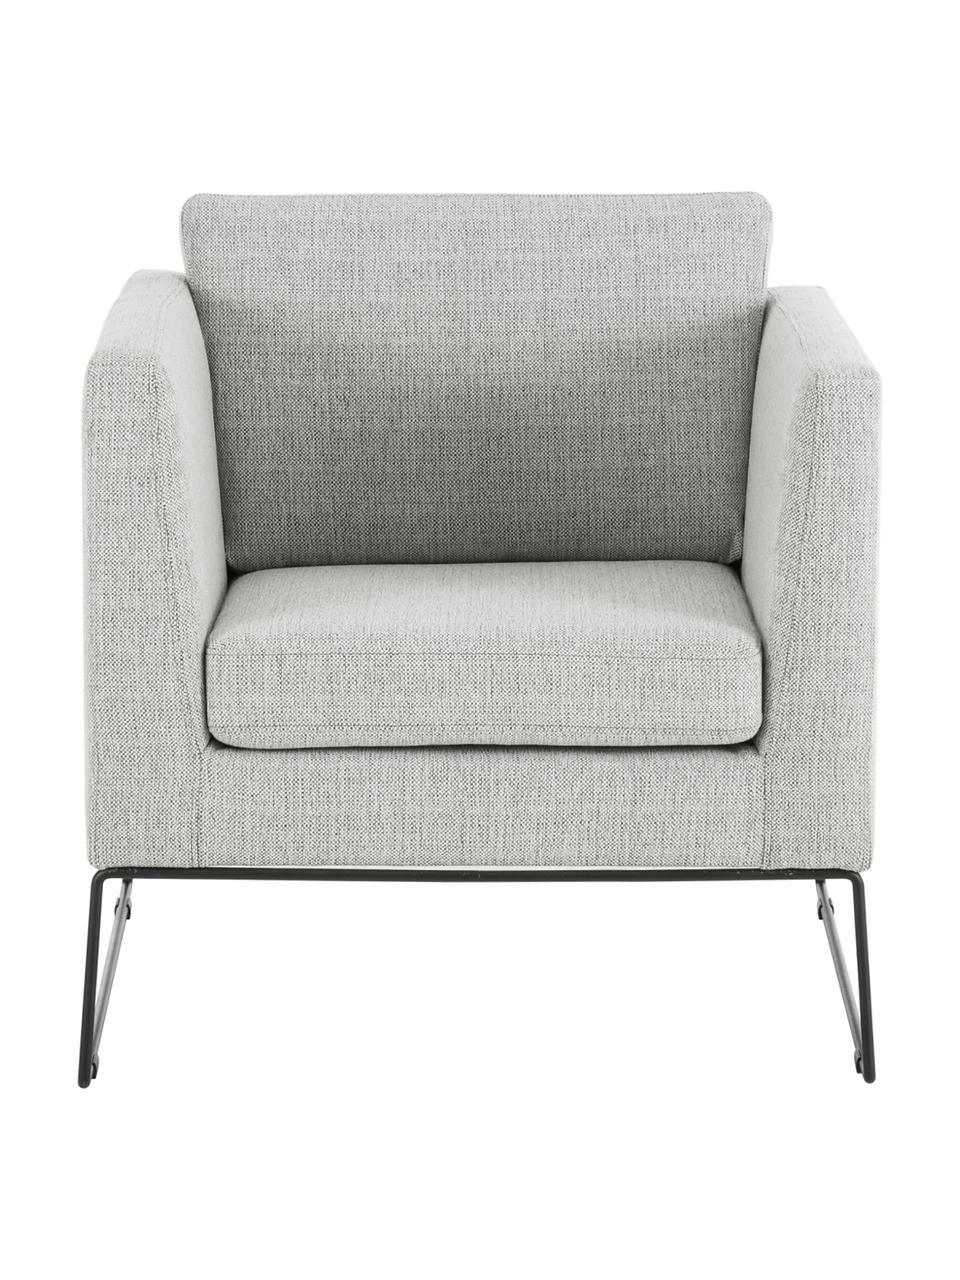 Fotel z metalowymi nogami Milo, Tapicerka: wysokiej jakości tkanina , Tapicerka: wyściółka z pianki, gęsto, Nogi: metal lakierowany, Szary, S 77 x G 75 cm